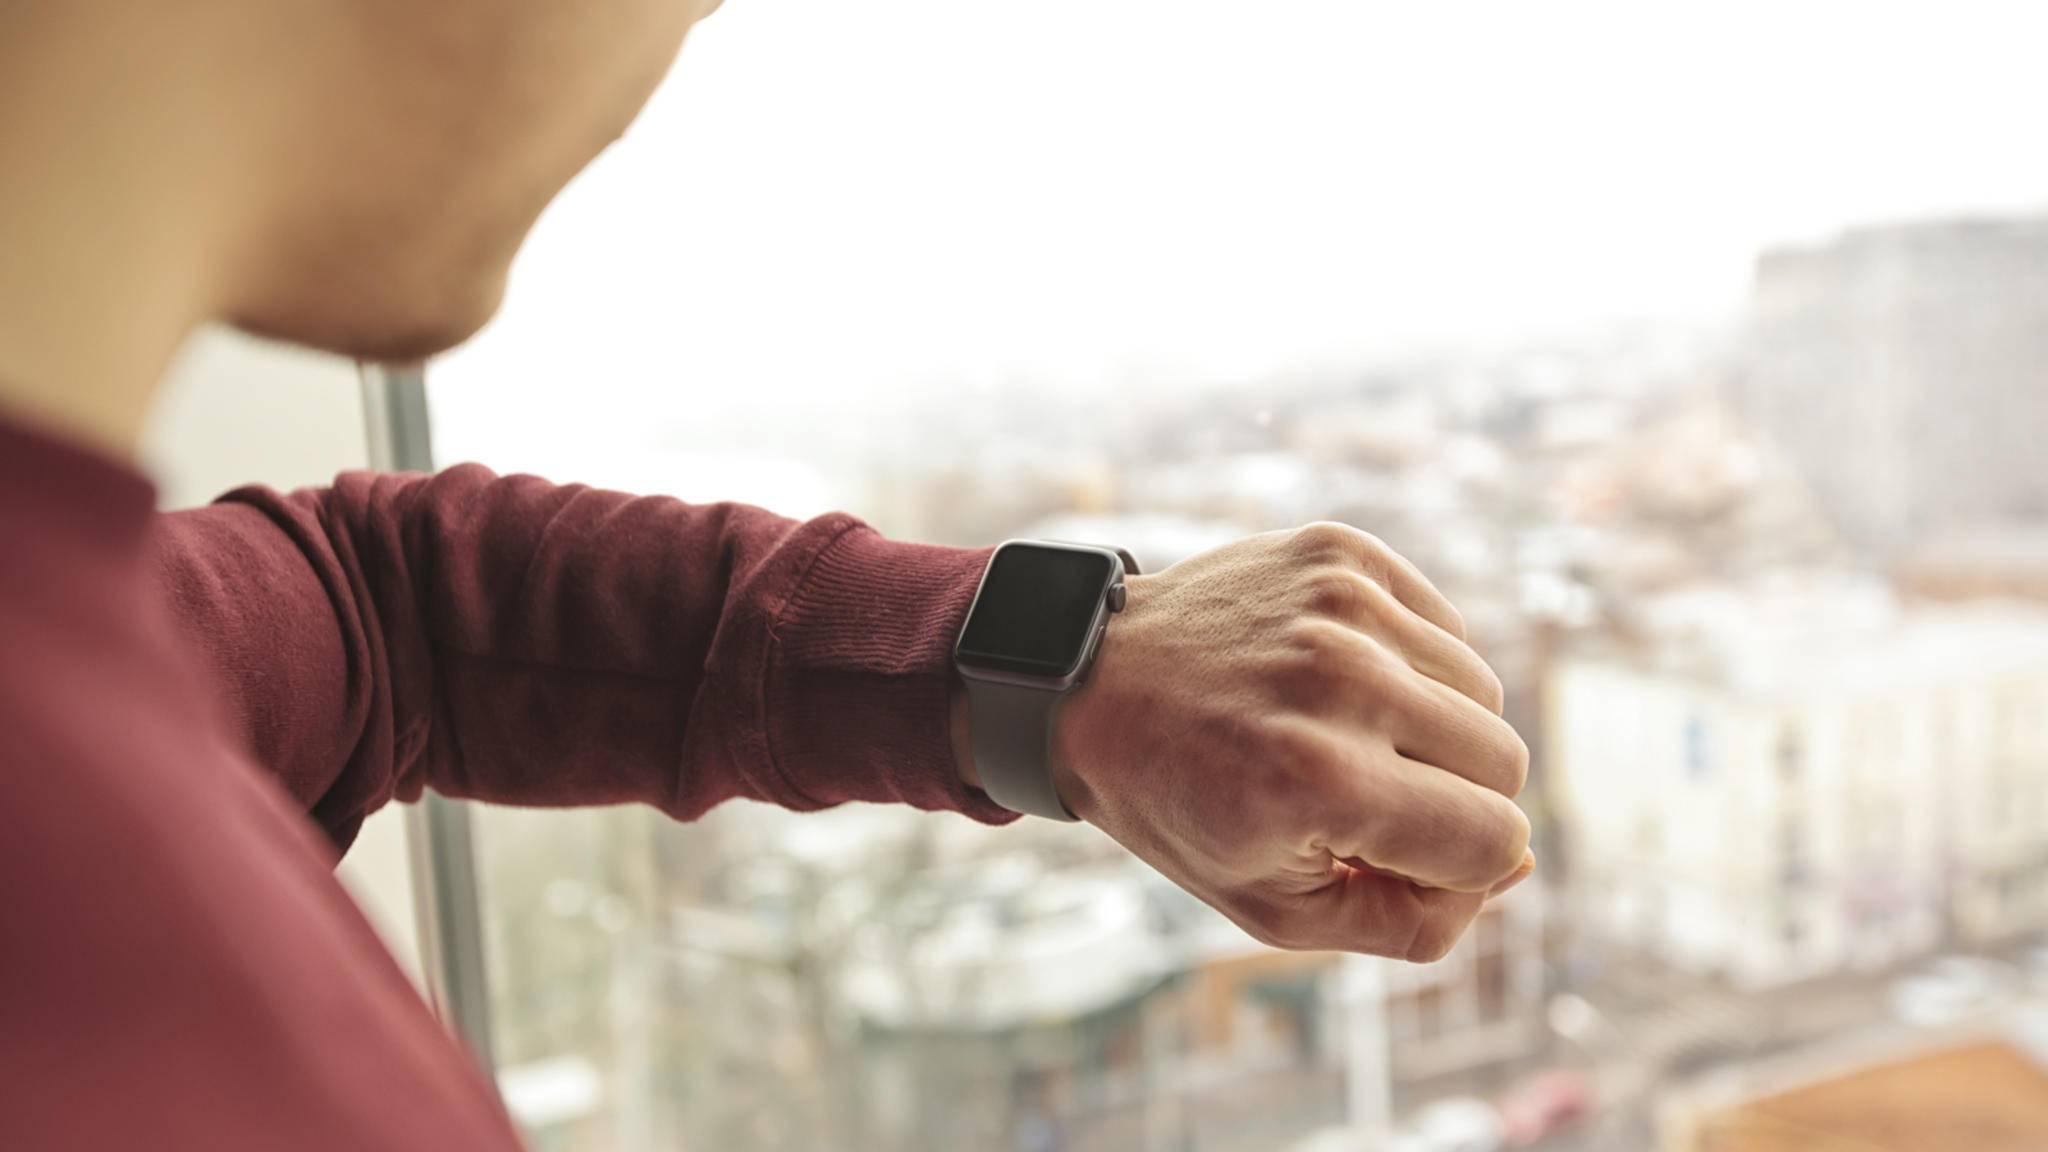 Die Apple Watch Series 3 (Foto) dürfte schon bald einen Nachfolger bekommen.